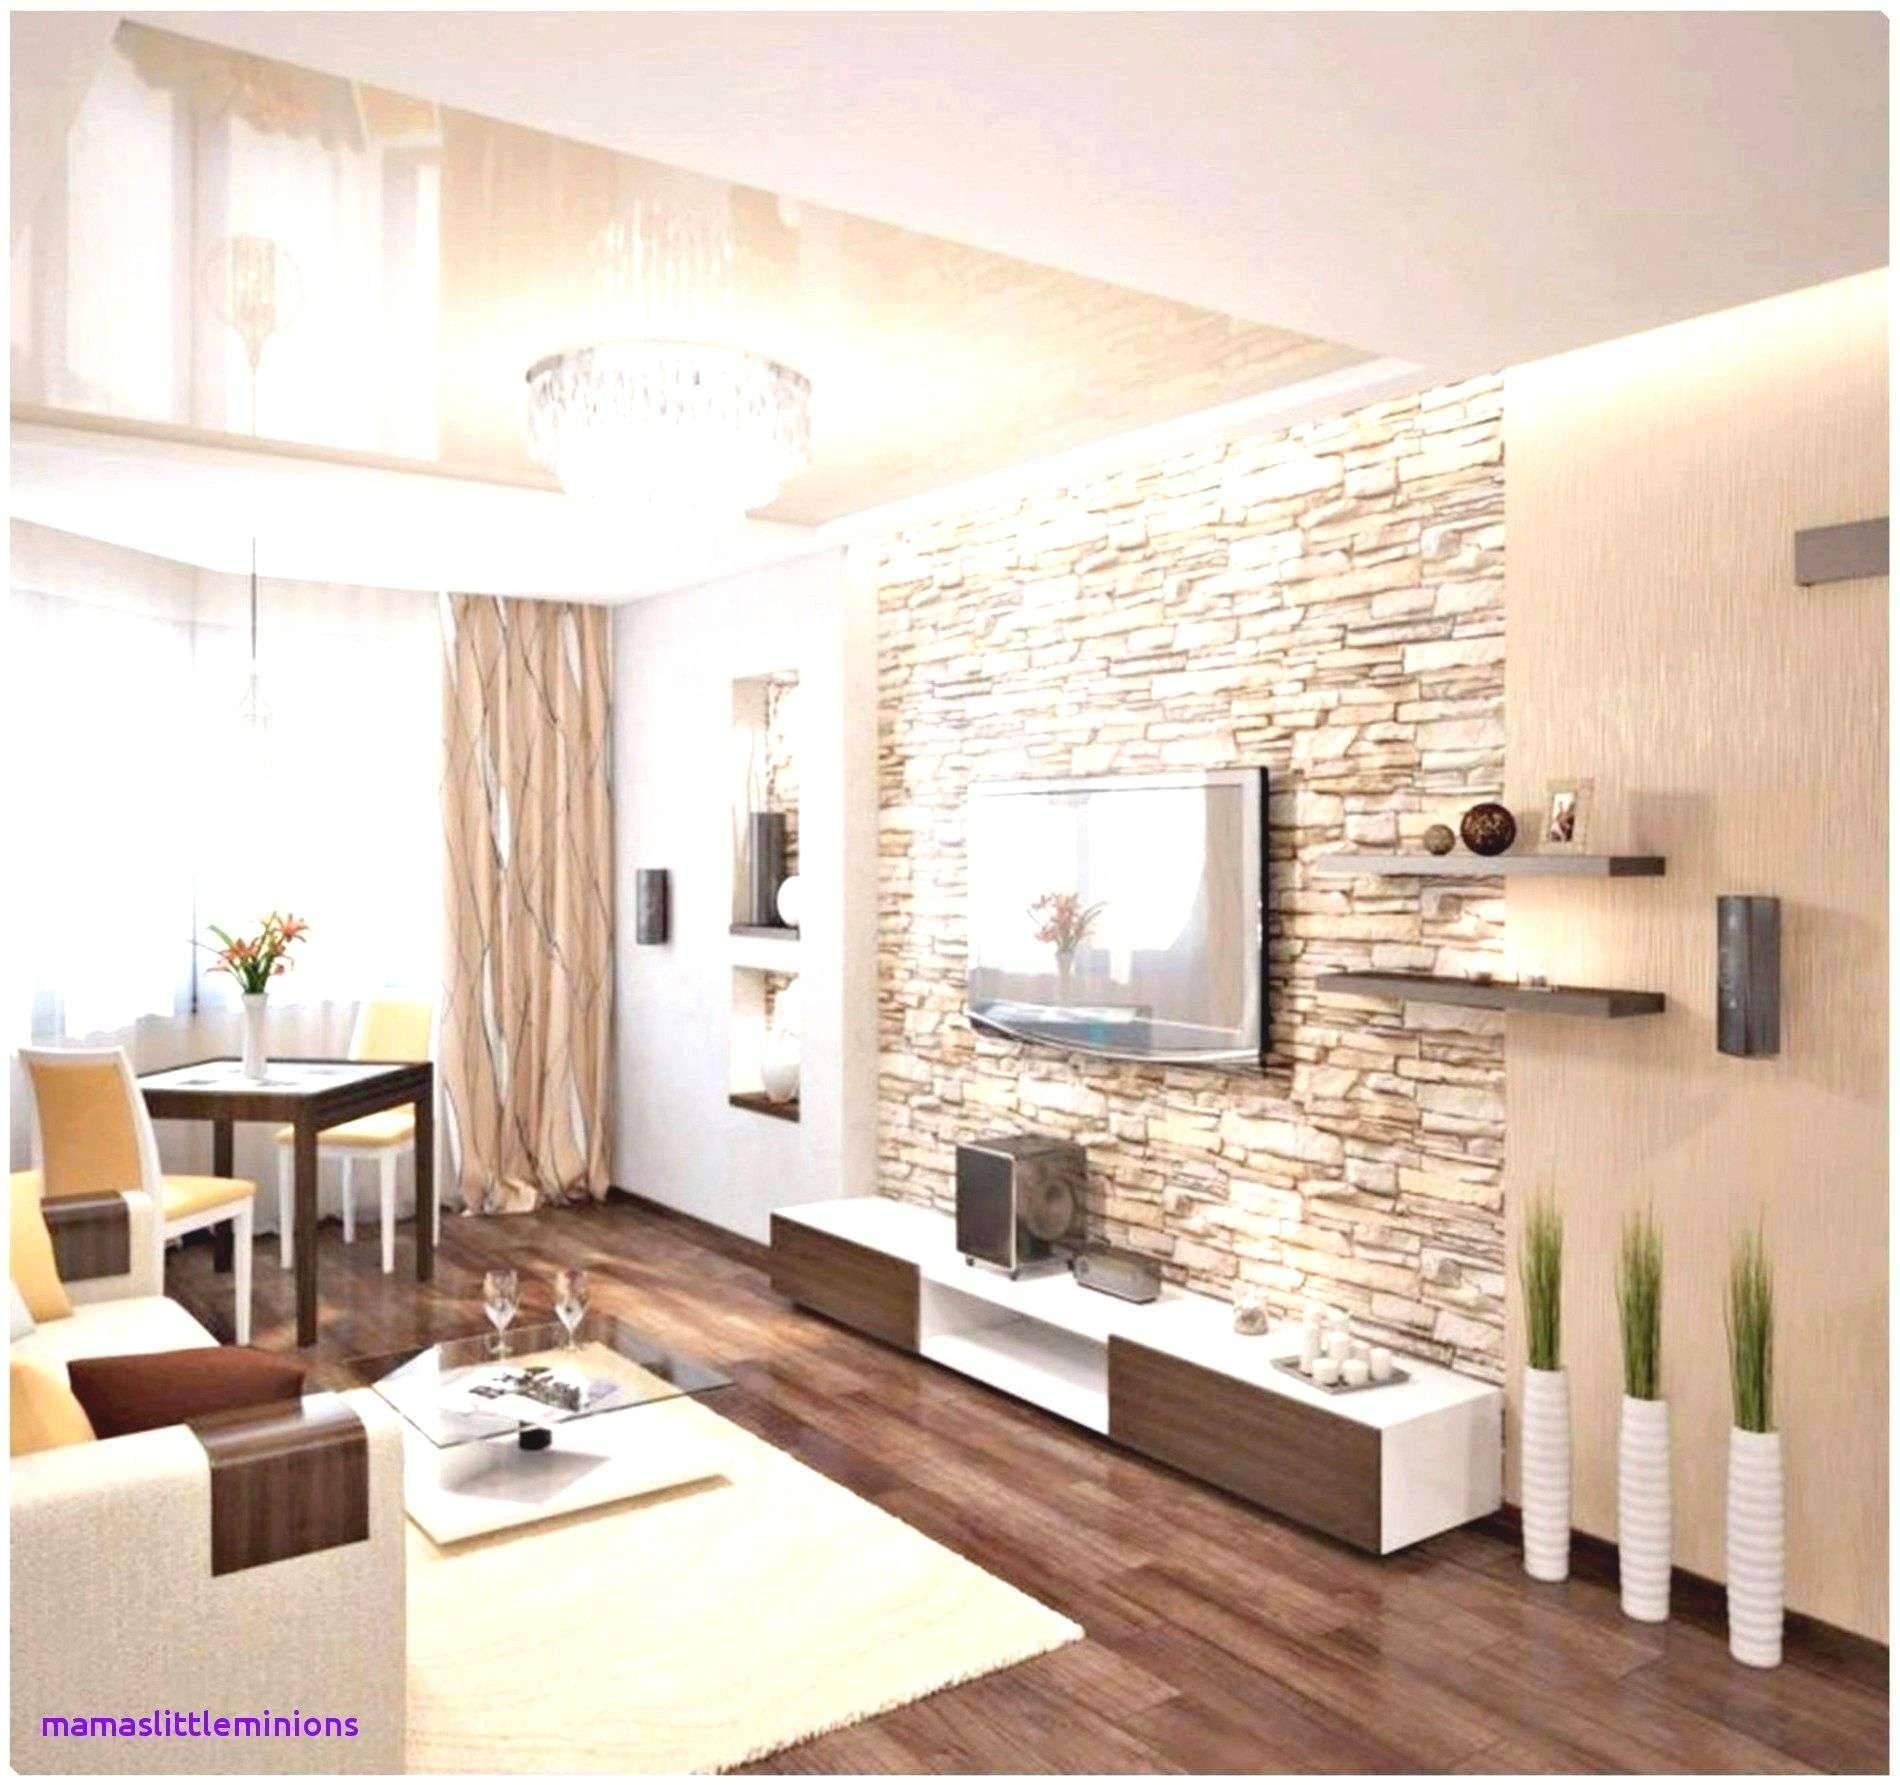 beste musikanlage wohnzimmer reizend best wohnzimmer design holz inspirations of beste musikanlage wohnzimmer